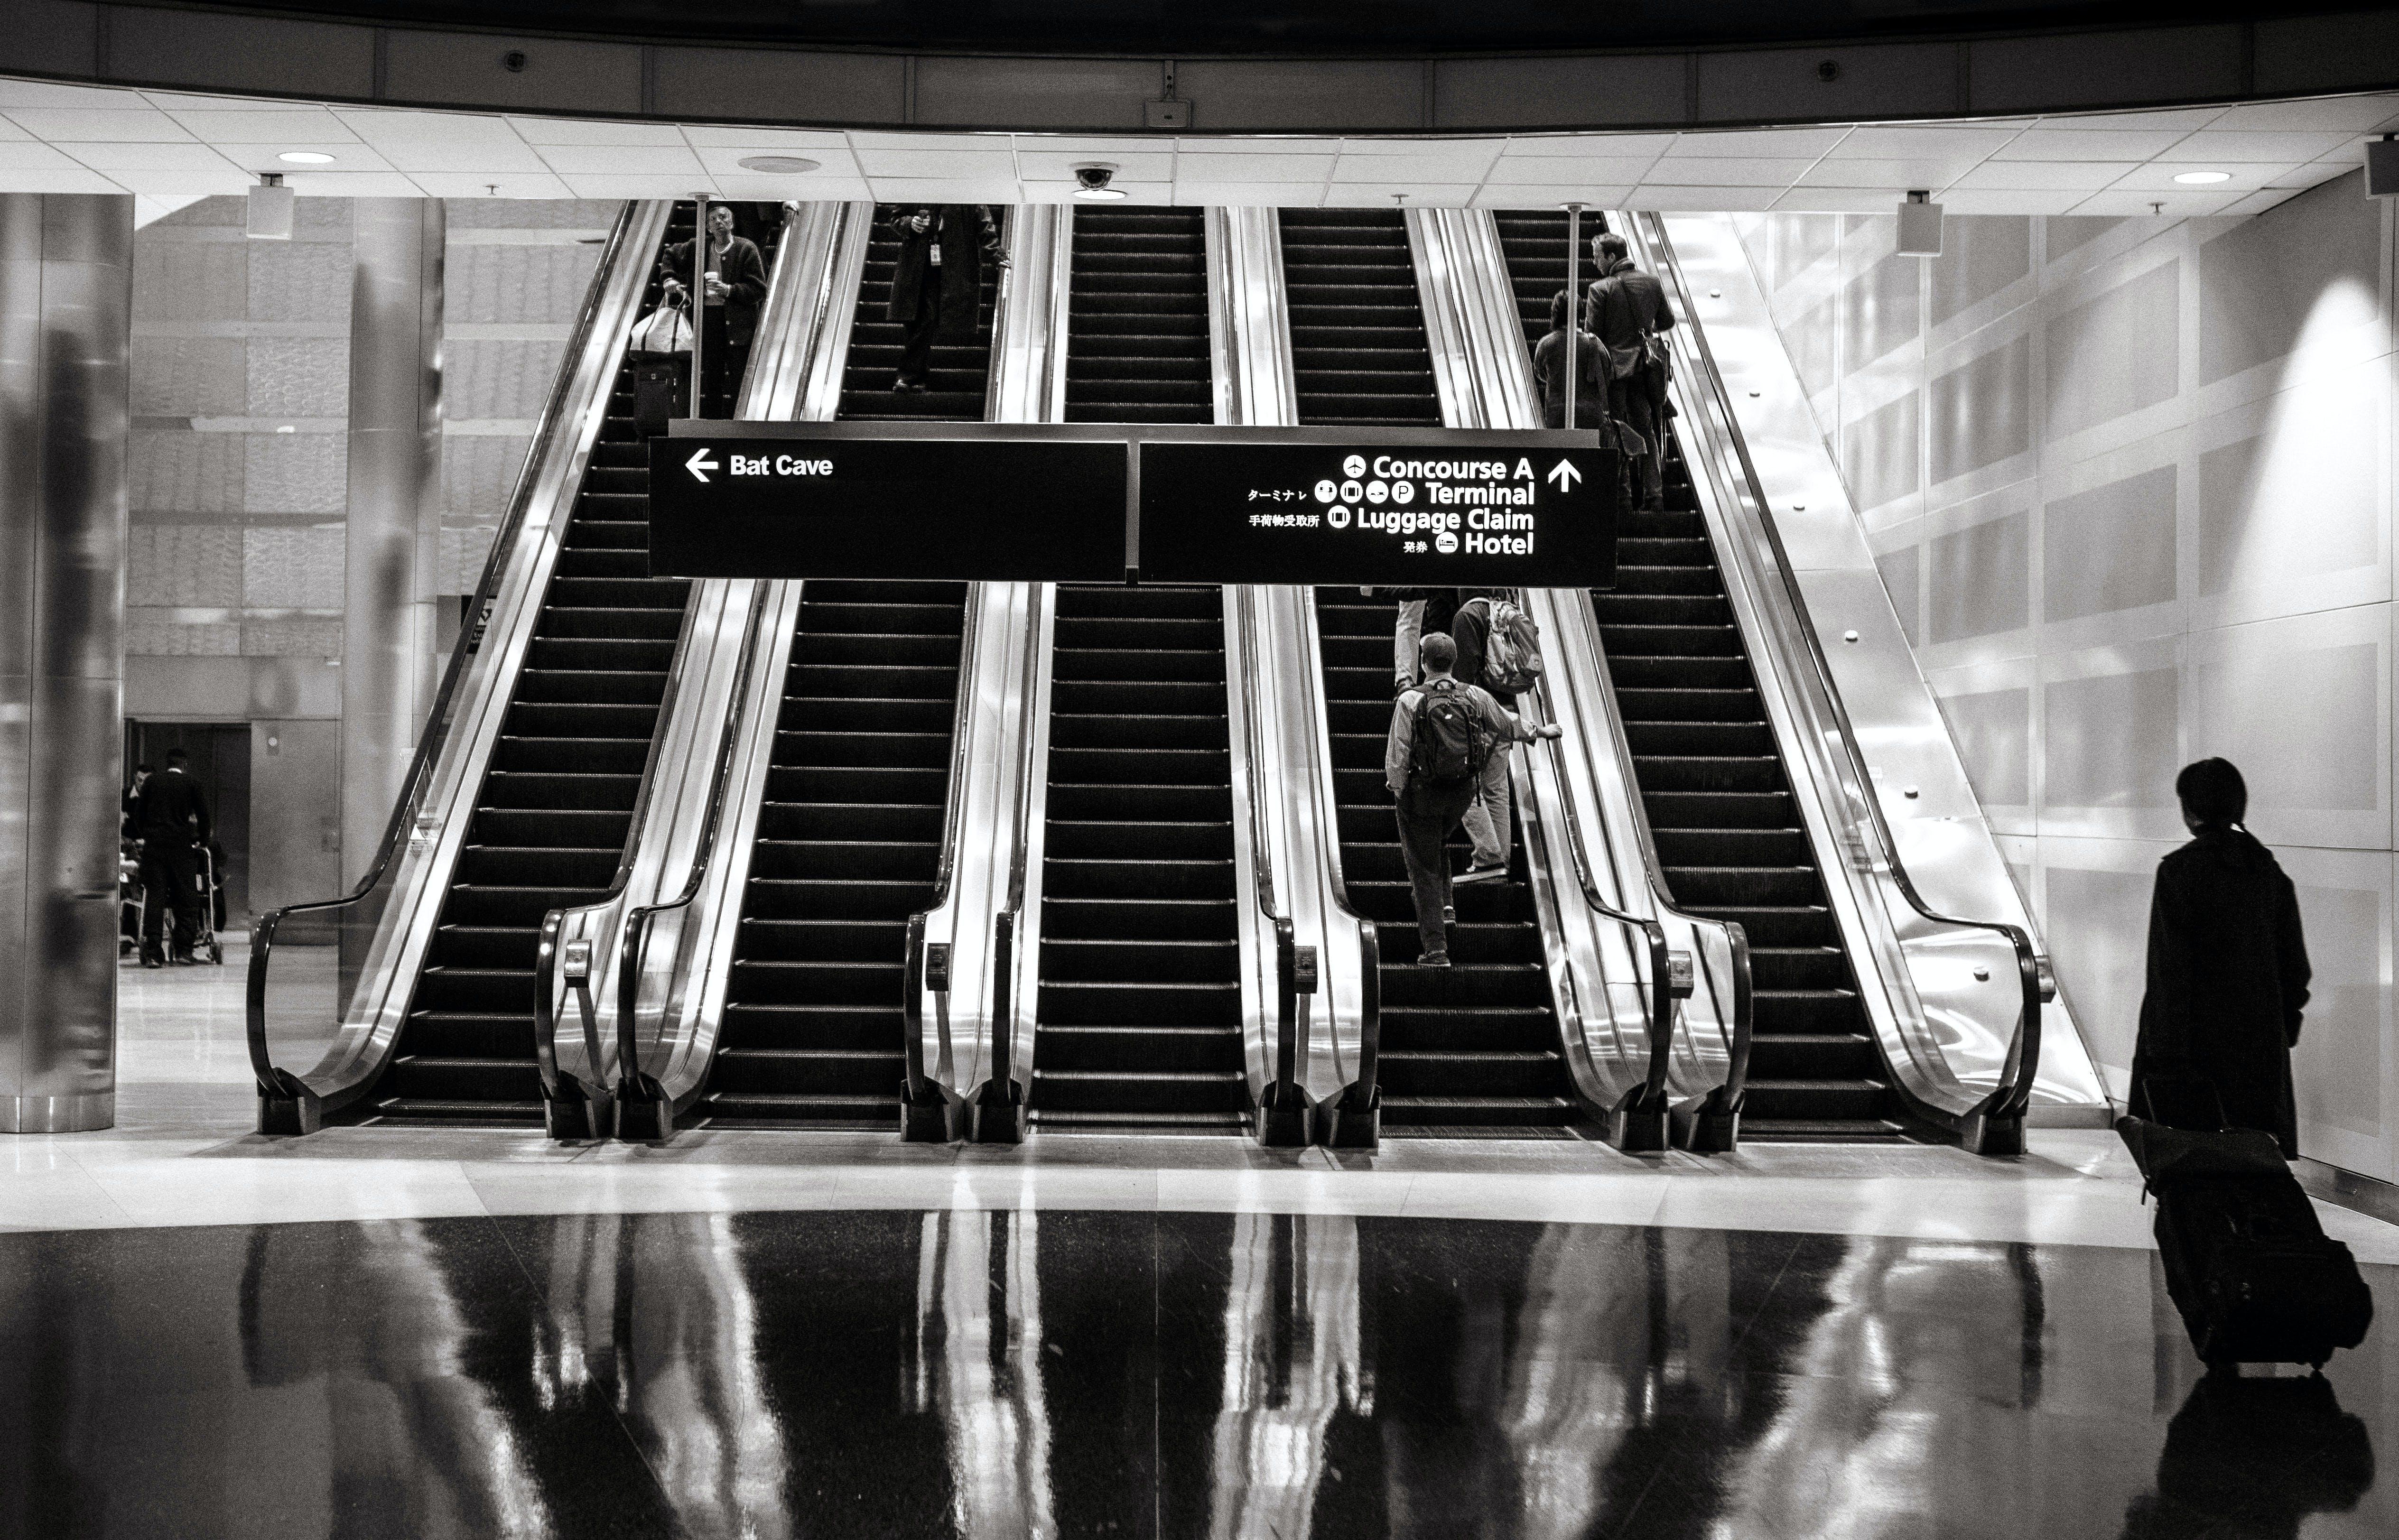 airport, escalators, moving